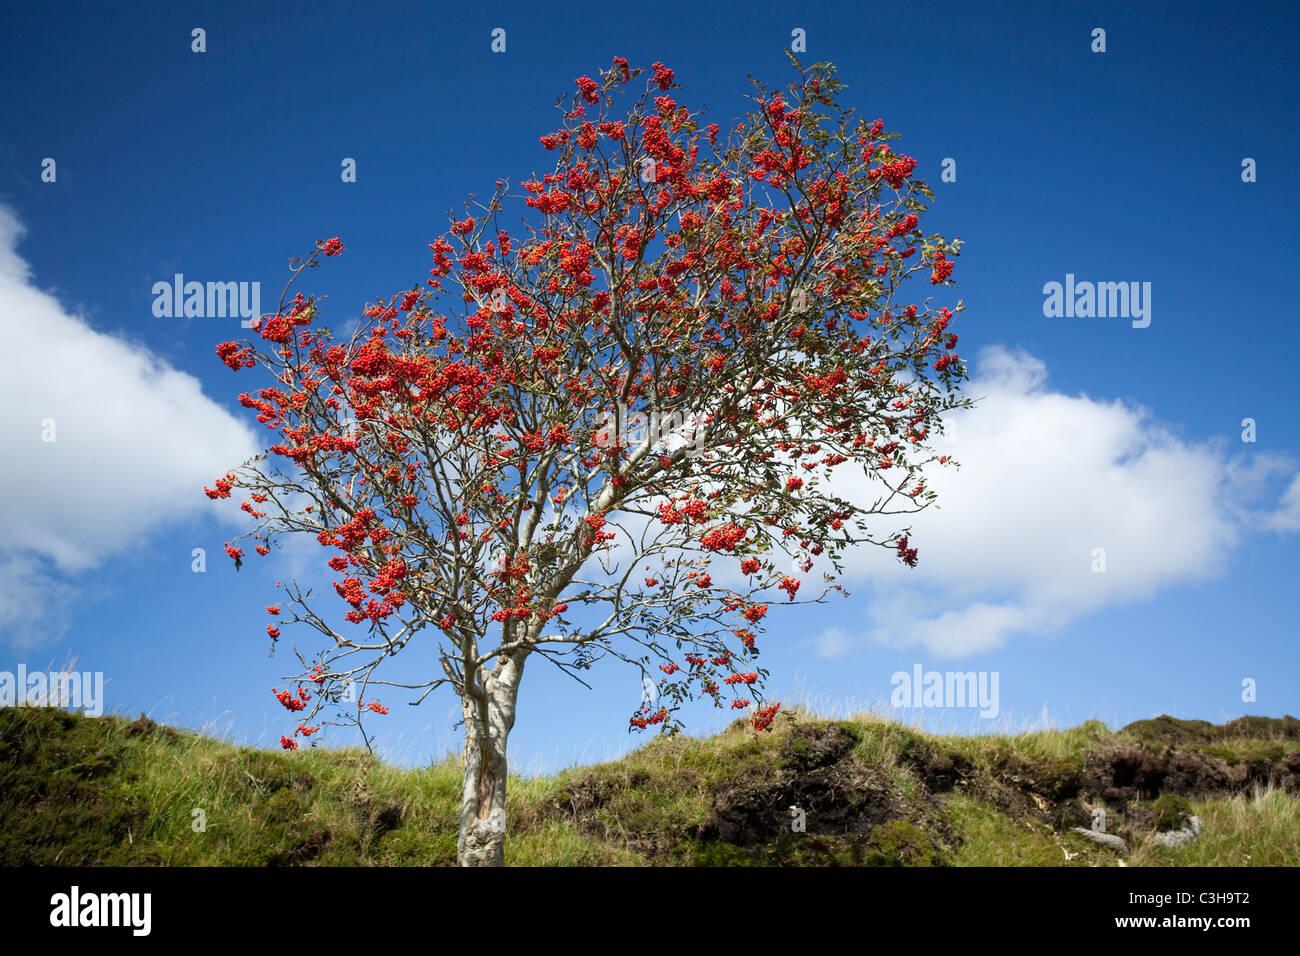 Les baies d'automne sur un arbre sorbier (Sorbus aucuparia), Ox Mountains, Comté de Sligo, Irlande. Photo Stock